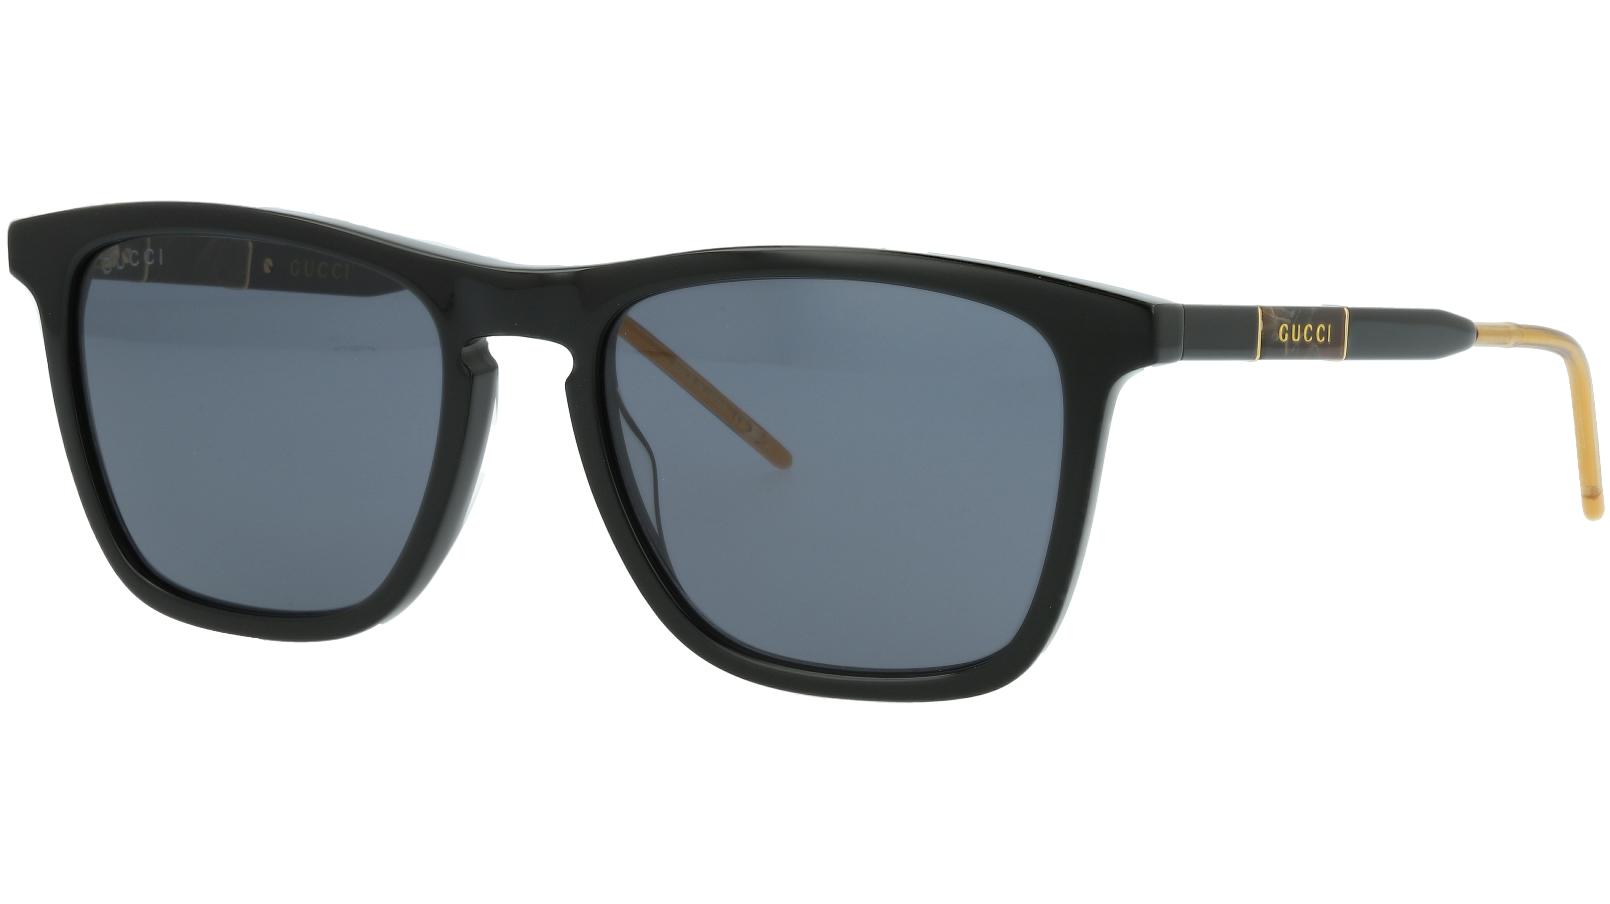 Gucci GG0843S 001 55 Black Square Sunglasses